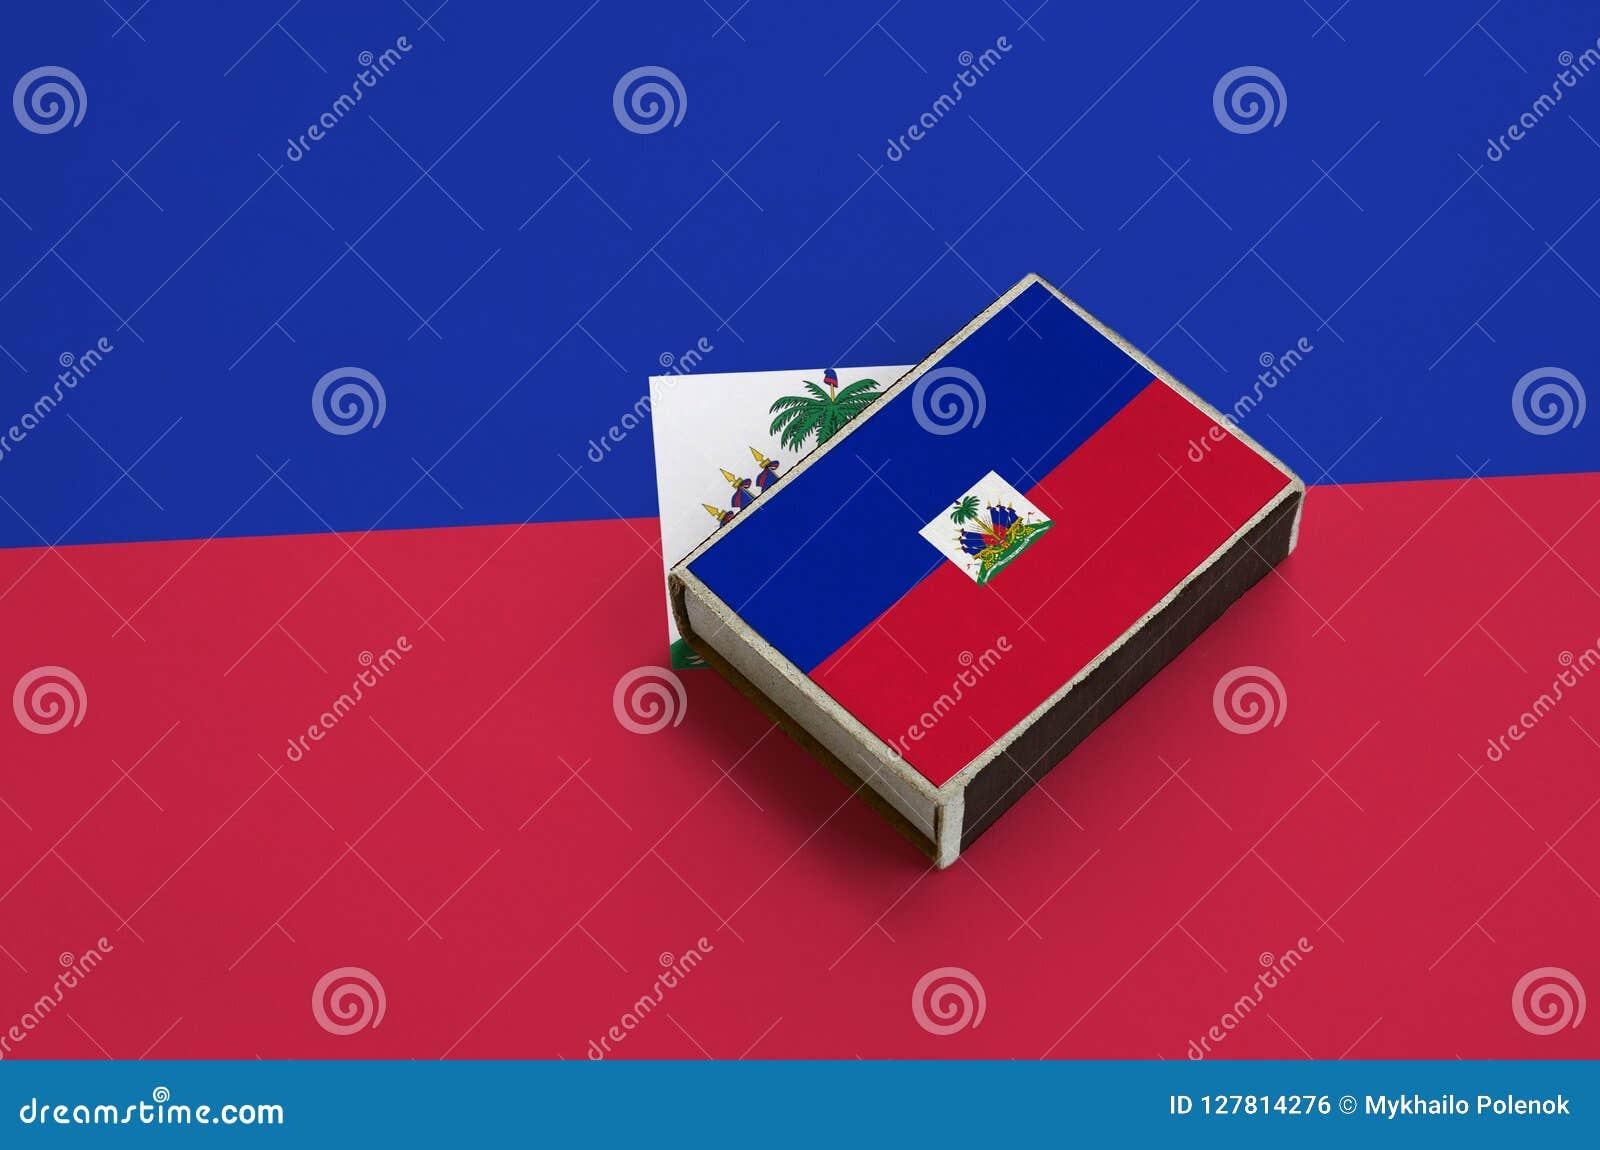 Le drapeau du Haïti est décrit sur une boîte d allumettes qui se trouve sur un grand drapeau